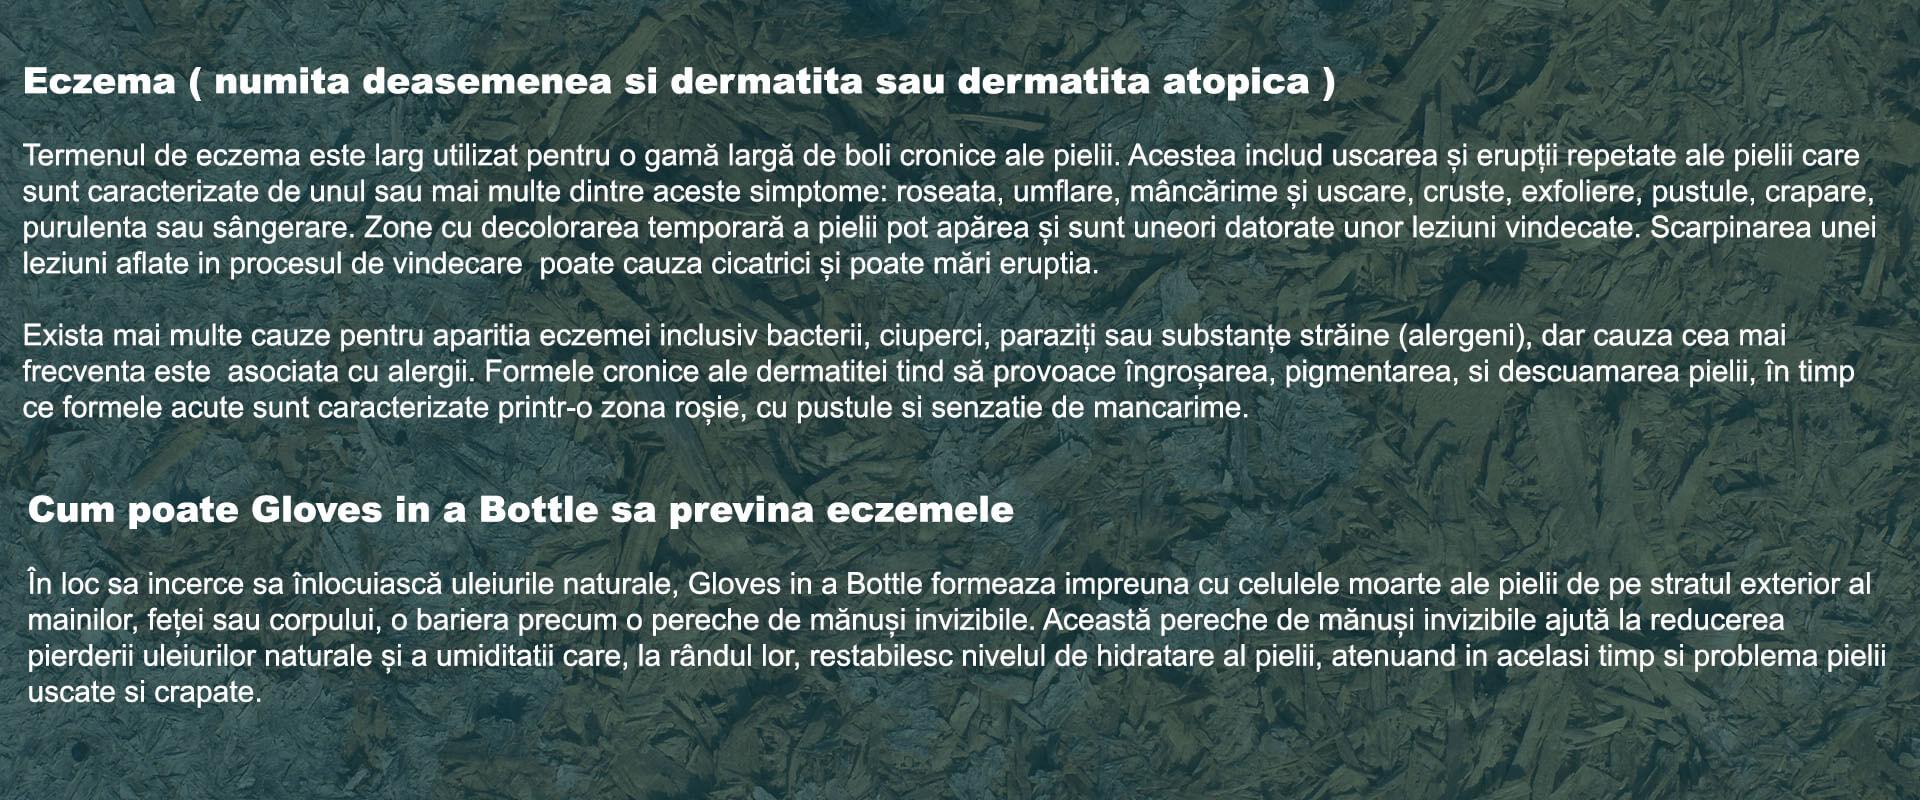 dermatita atopica sapunuri